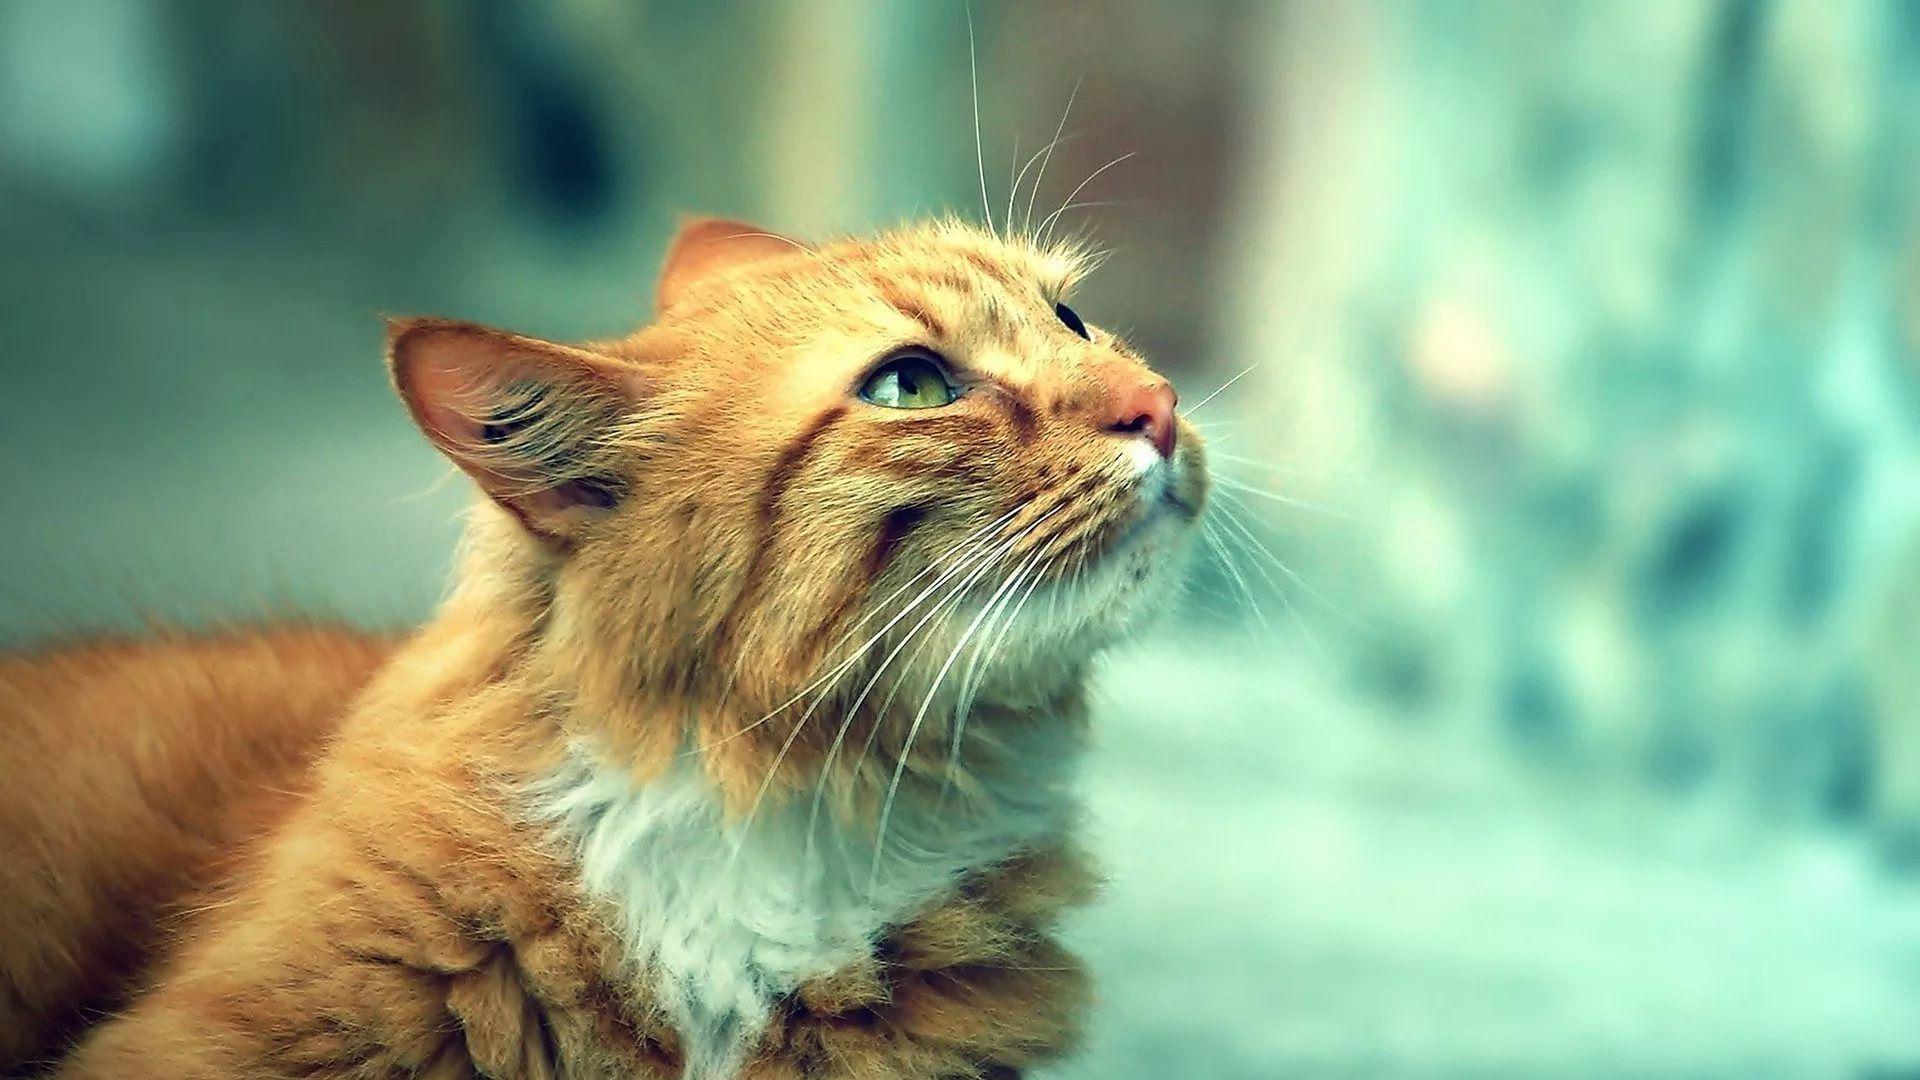 Lovely Cat Background Wallpaper